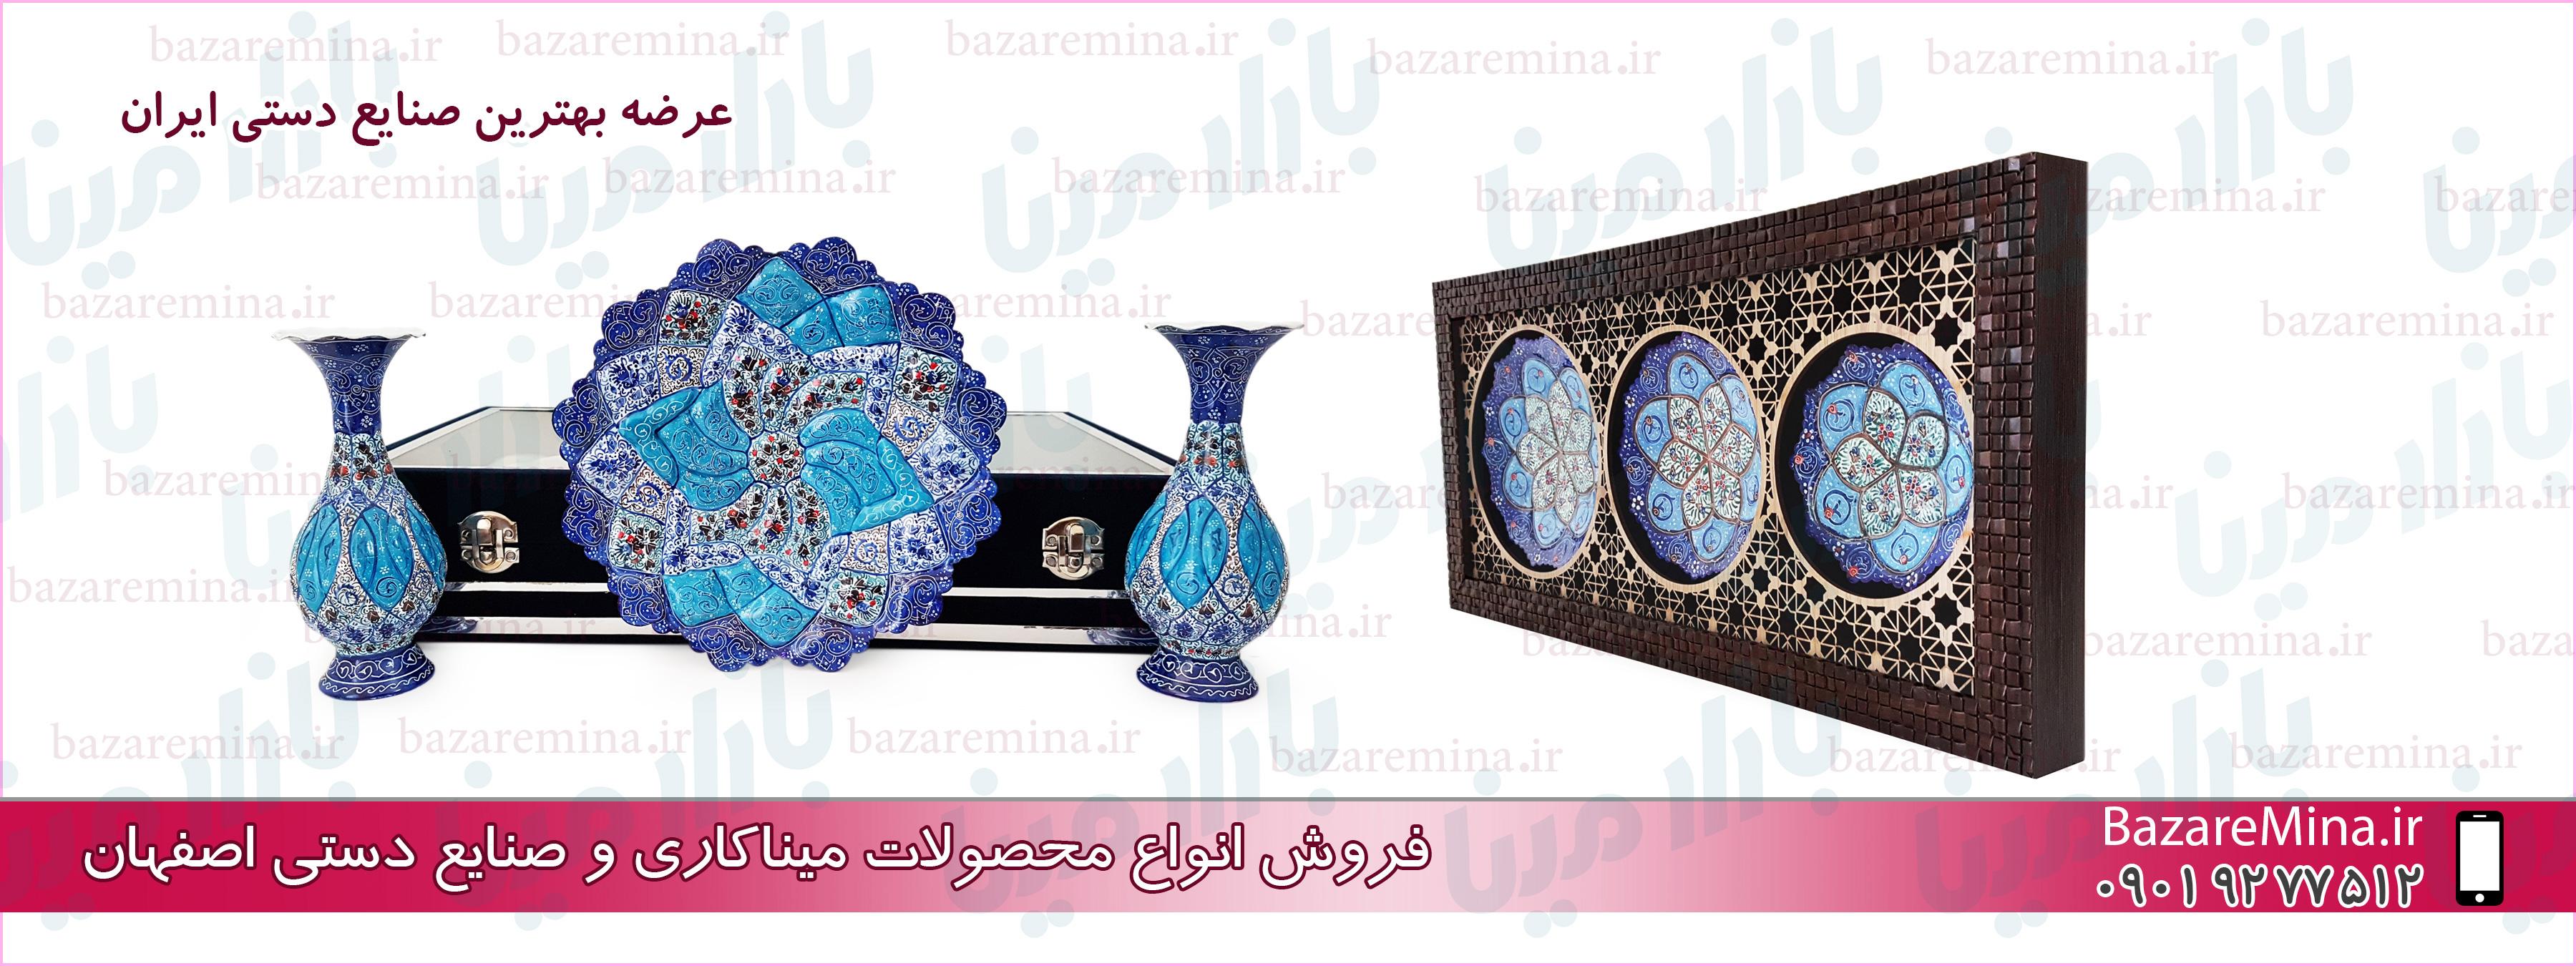 فروشگاه میناکاری اصفهان